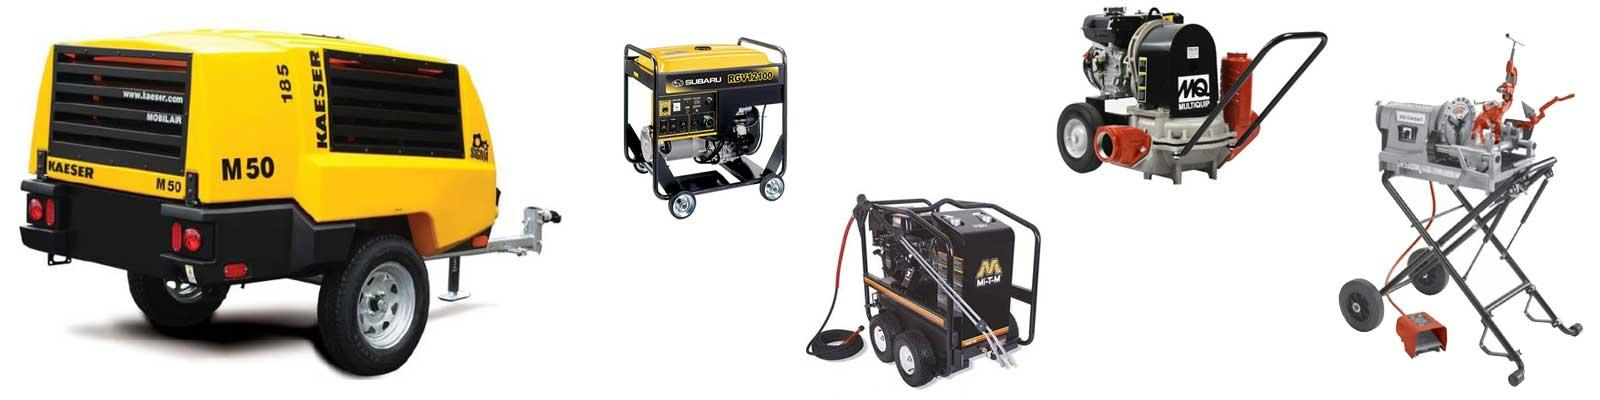 Equipment Rentals Evansville IN | Tool Rentals SW Indiana